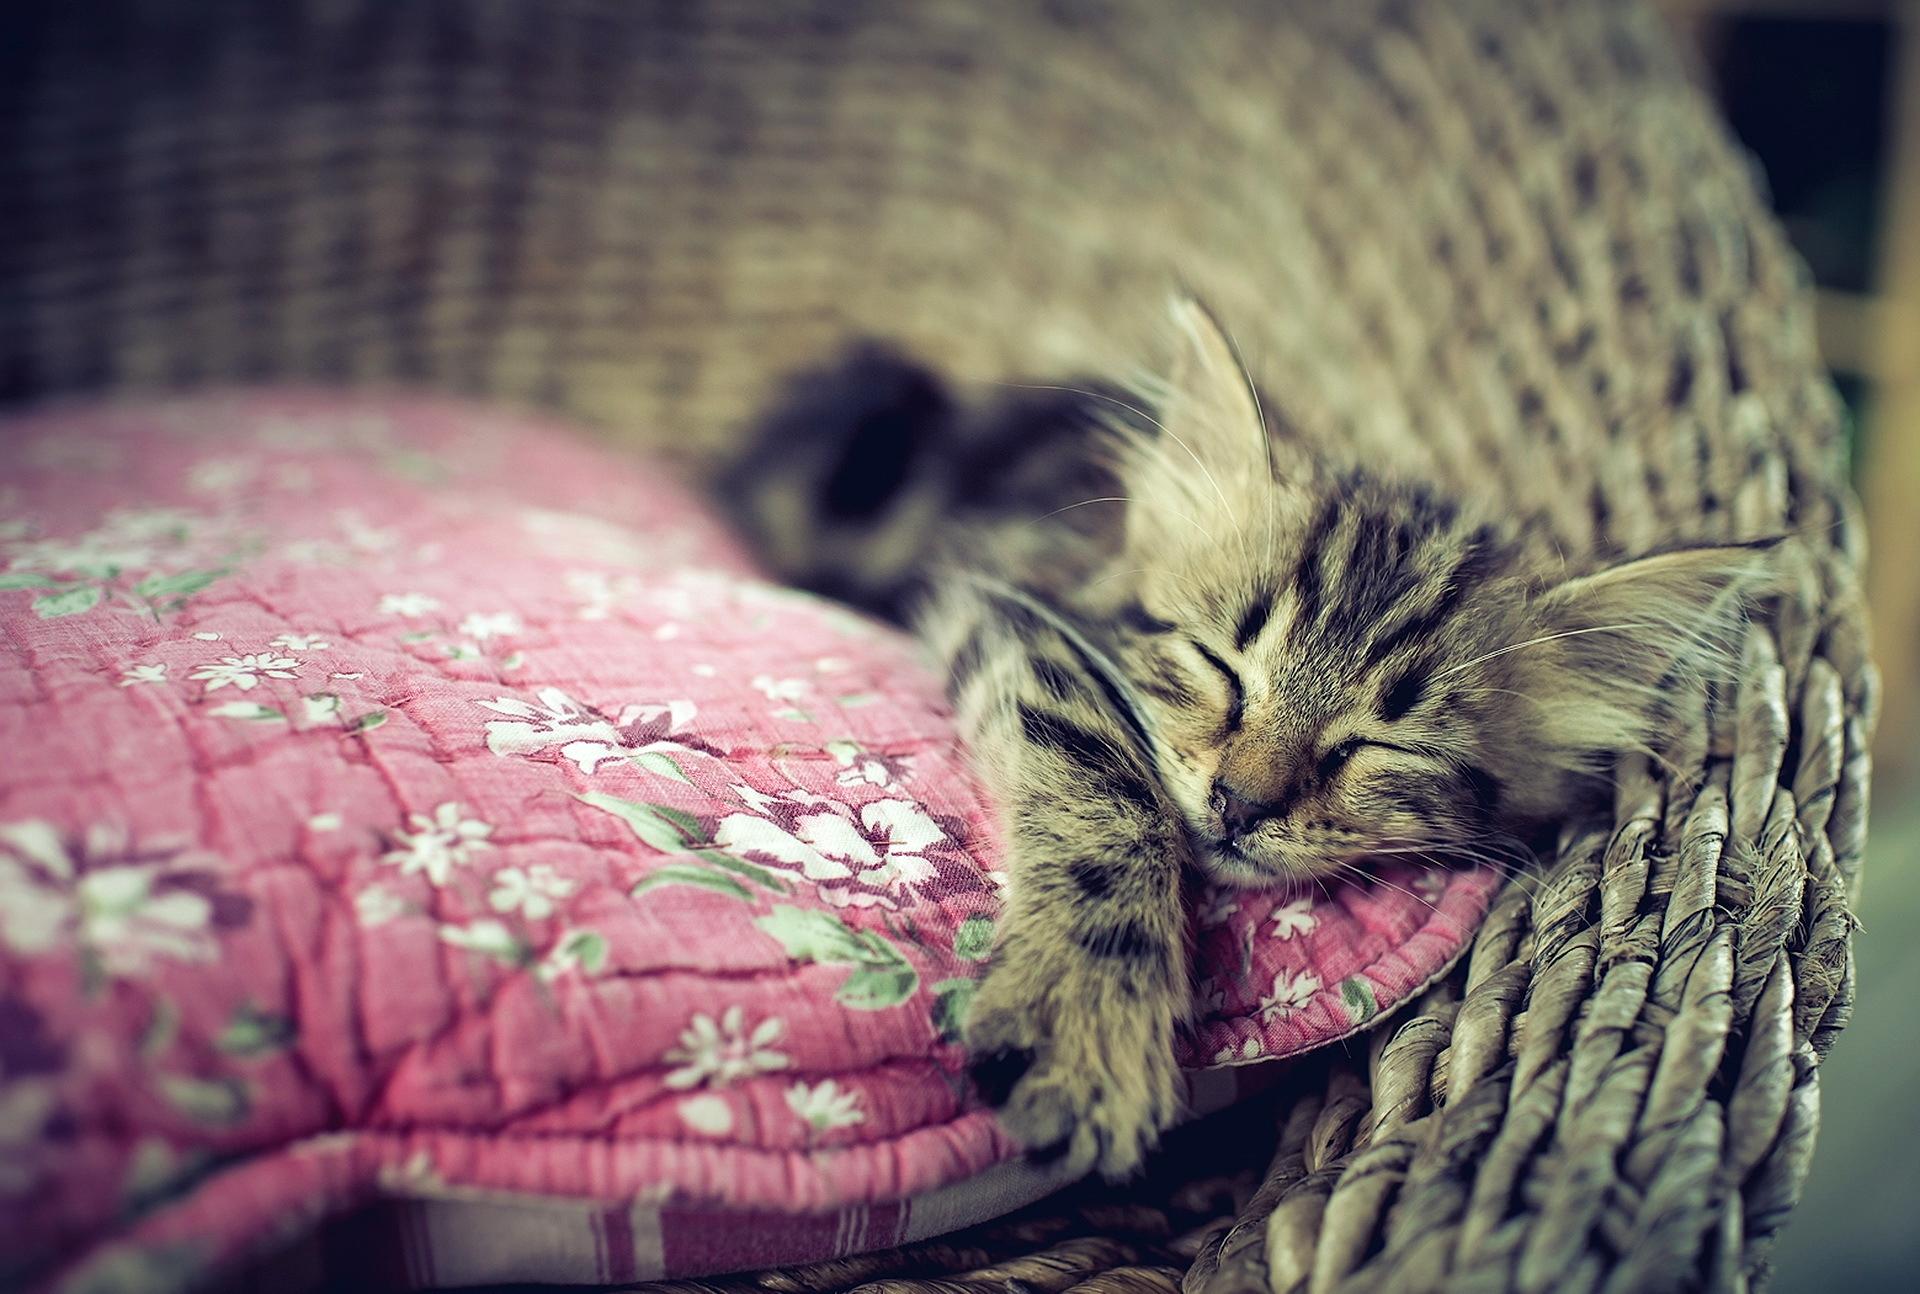 фотографируются картинка кошка уютно спит приобрели эту вкусную